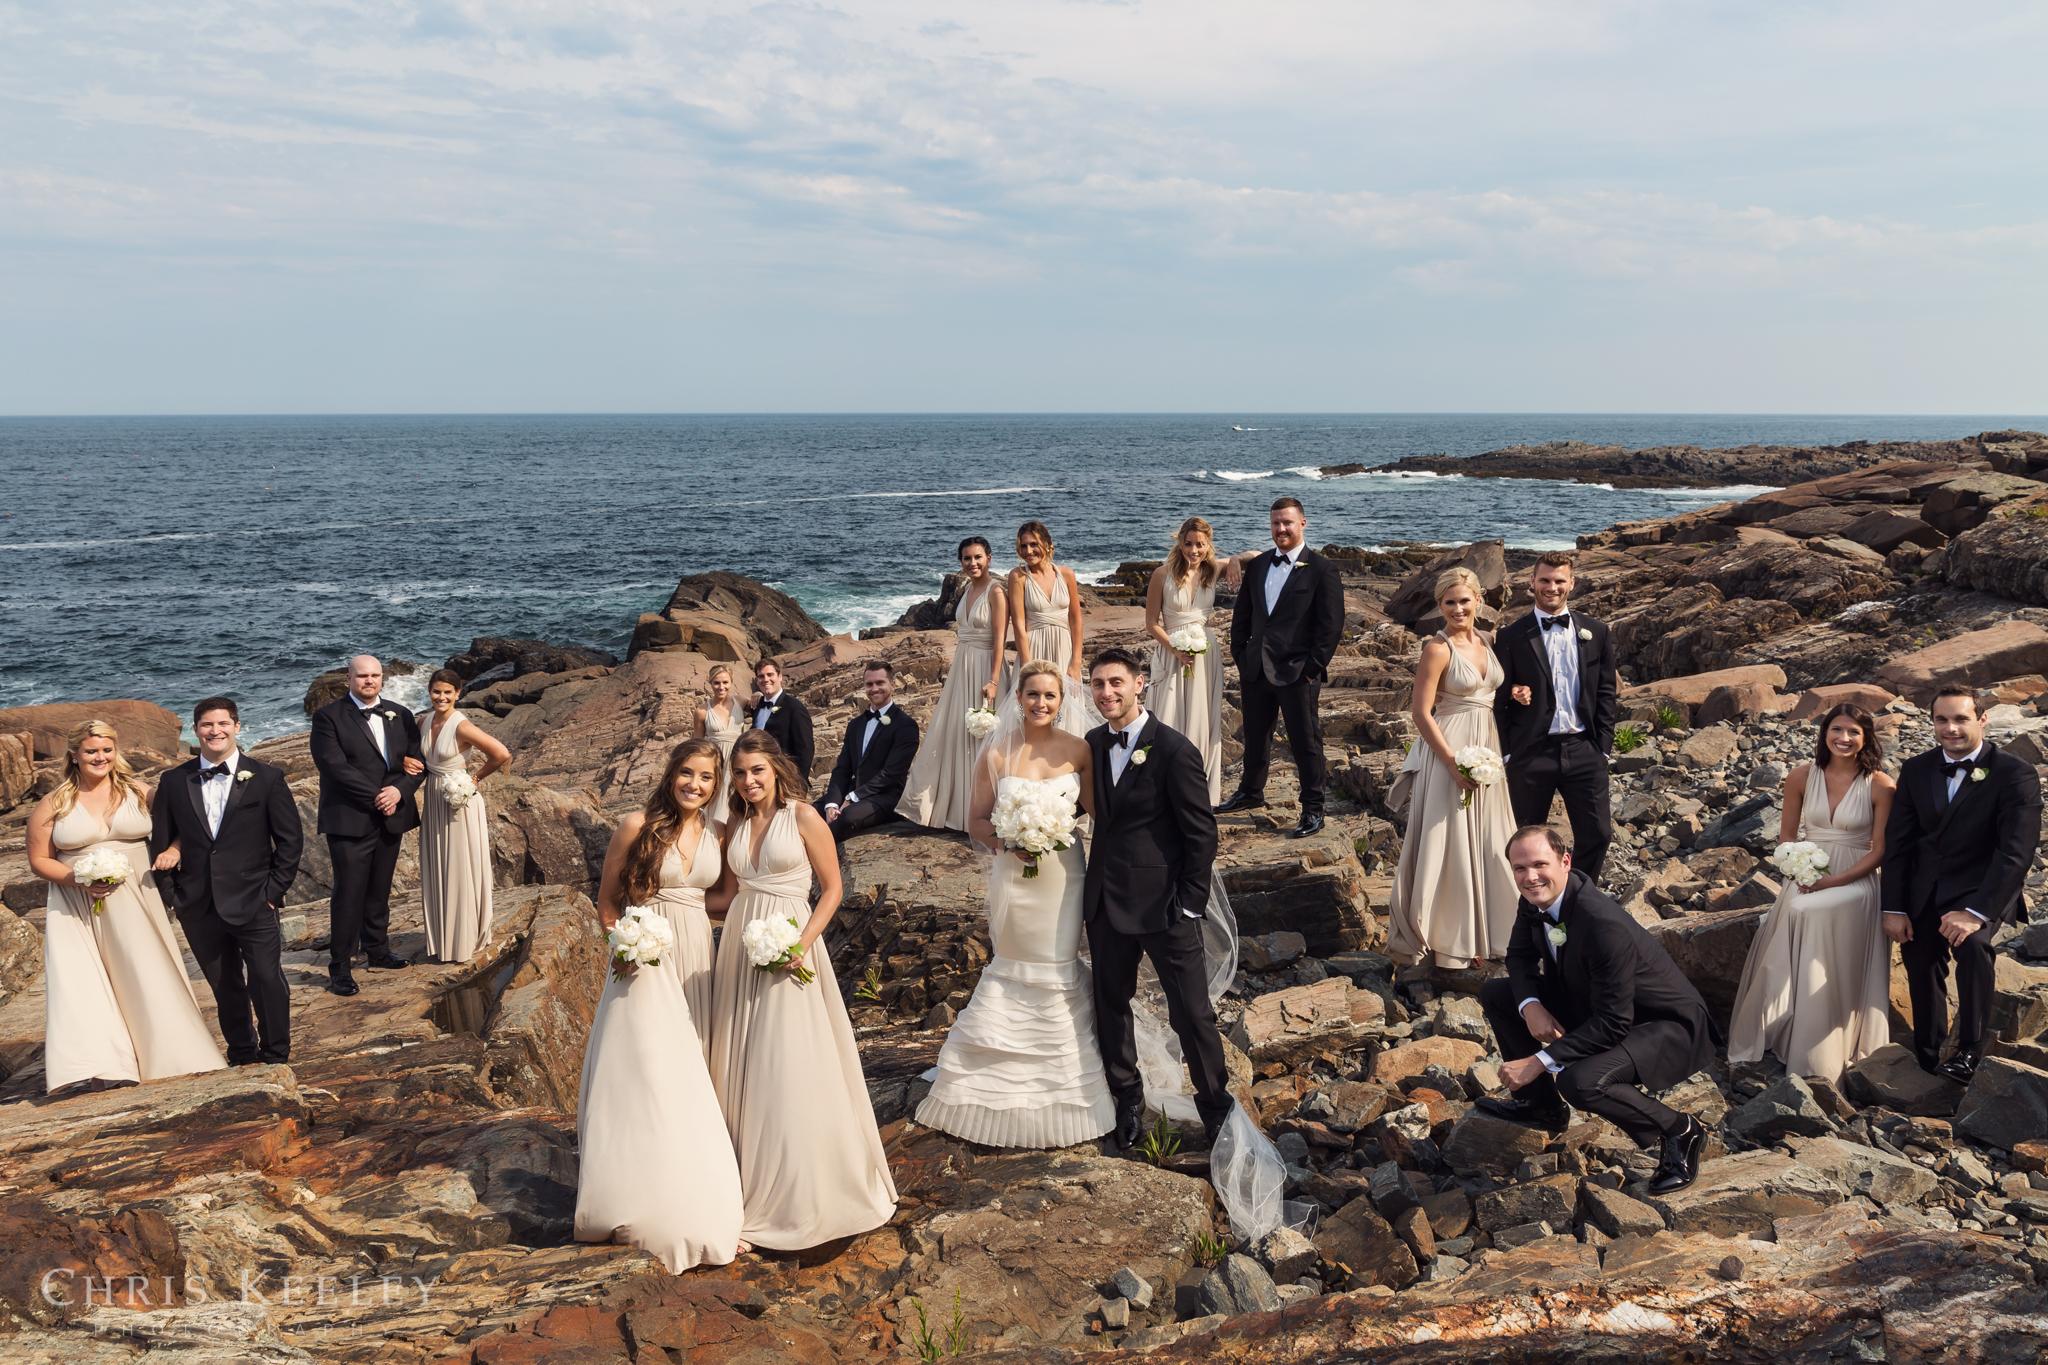 cliff-house-maine-wedding-photographer-chris-keeley-41.jpg